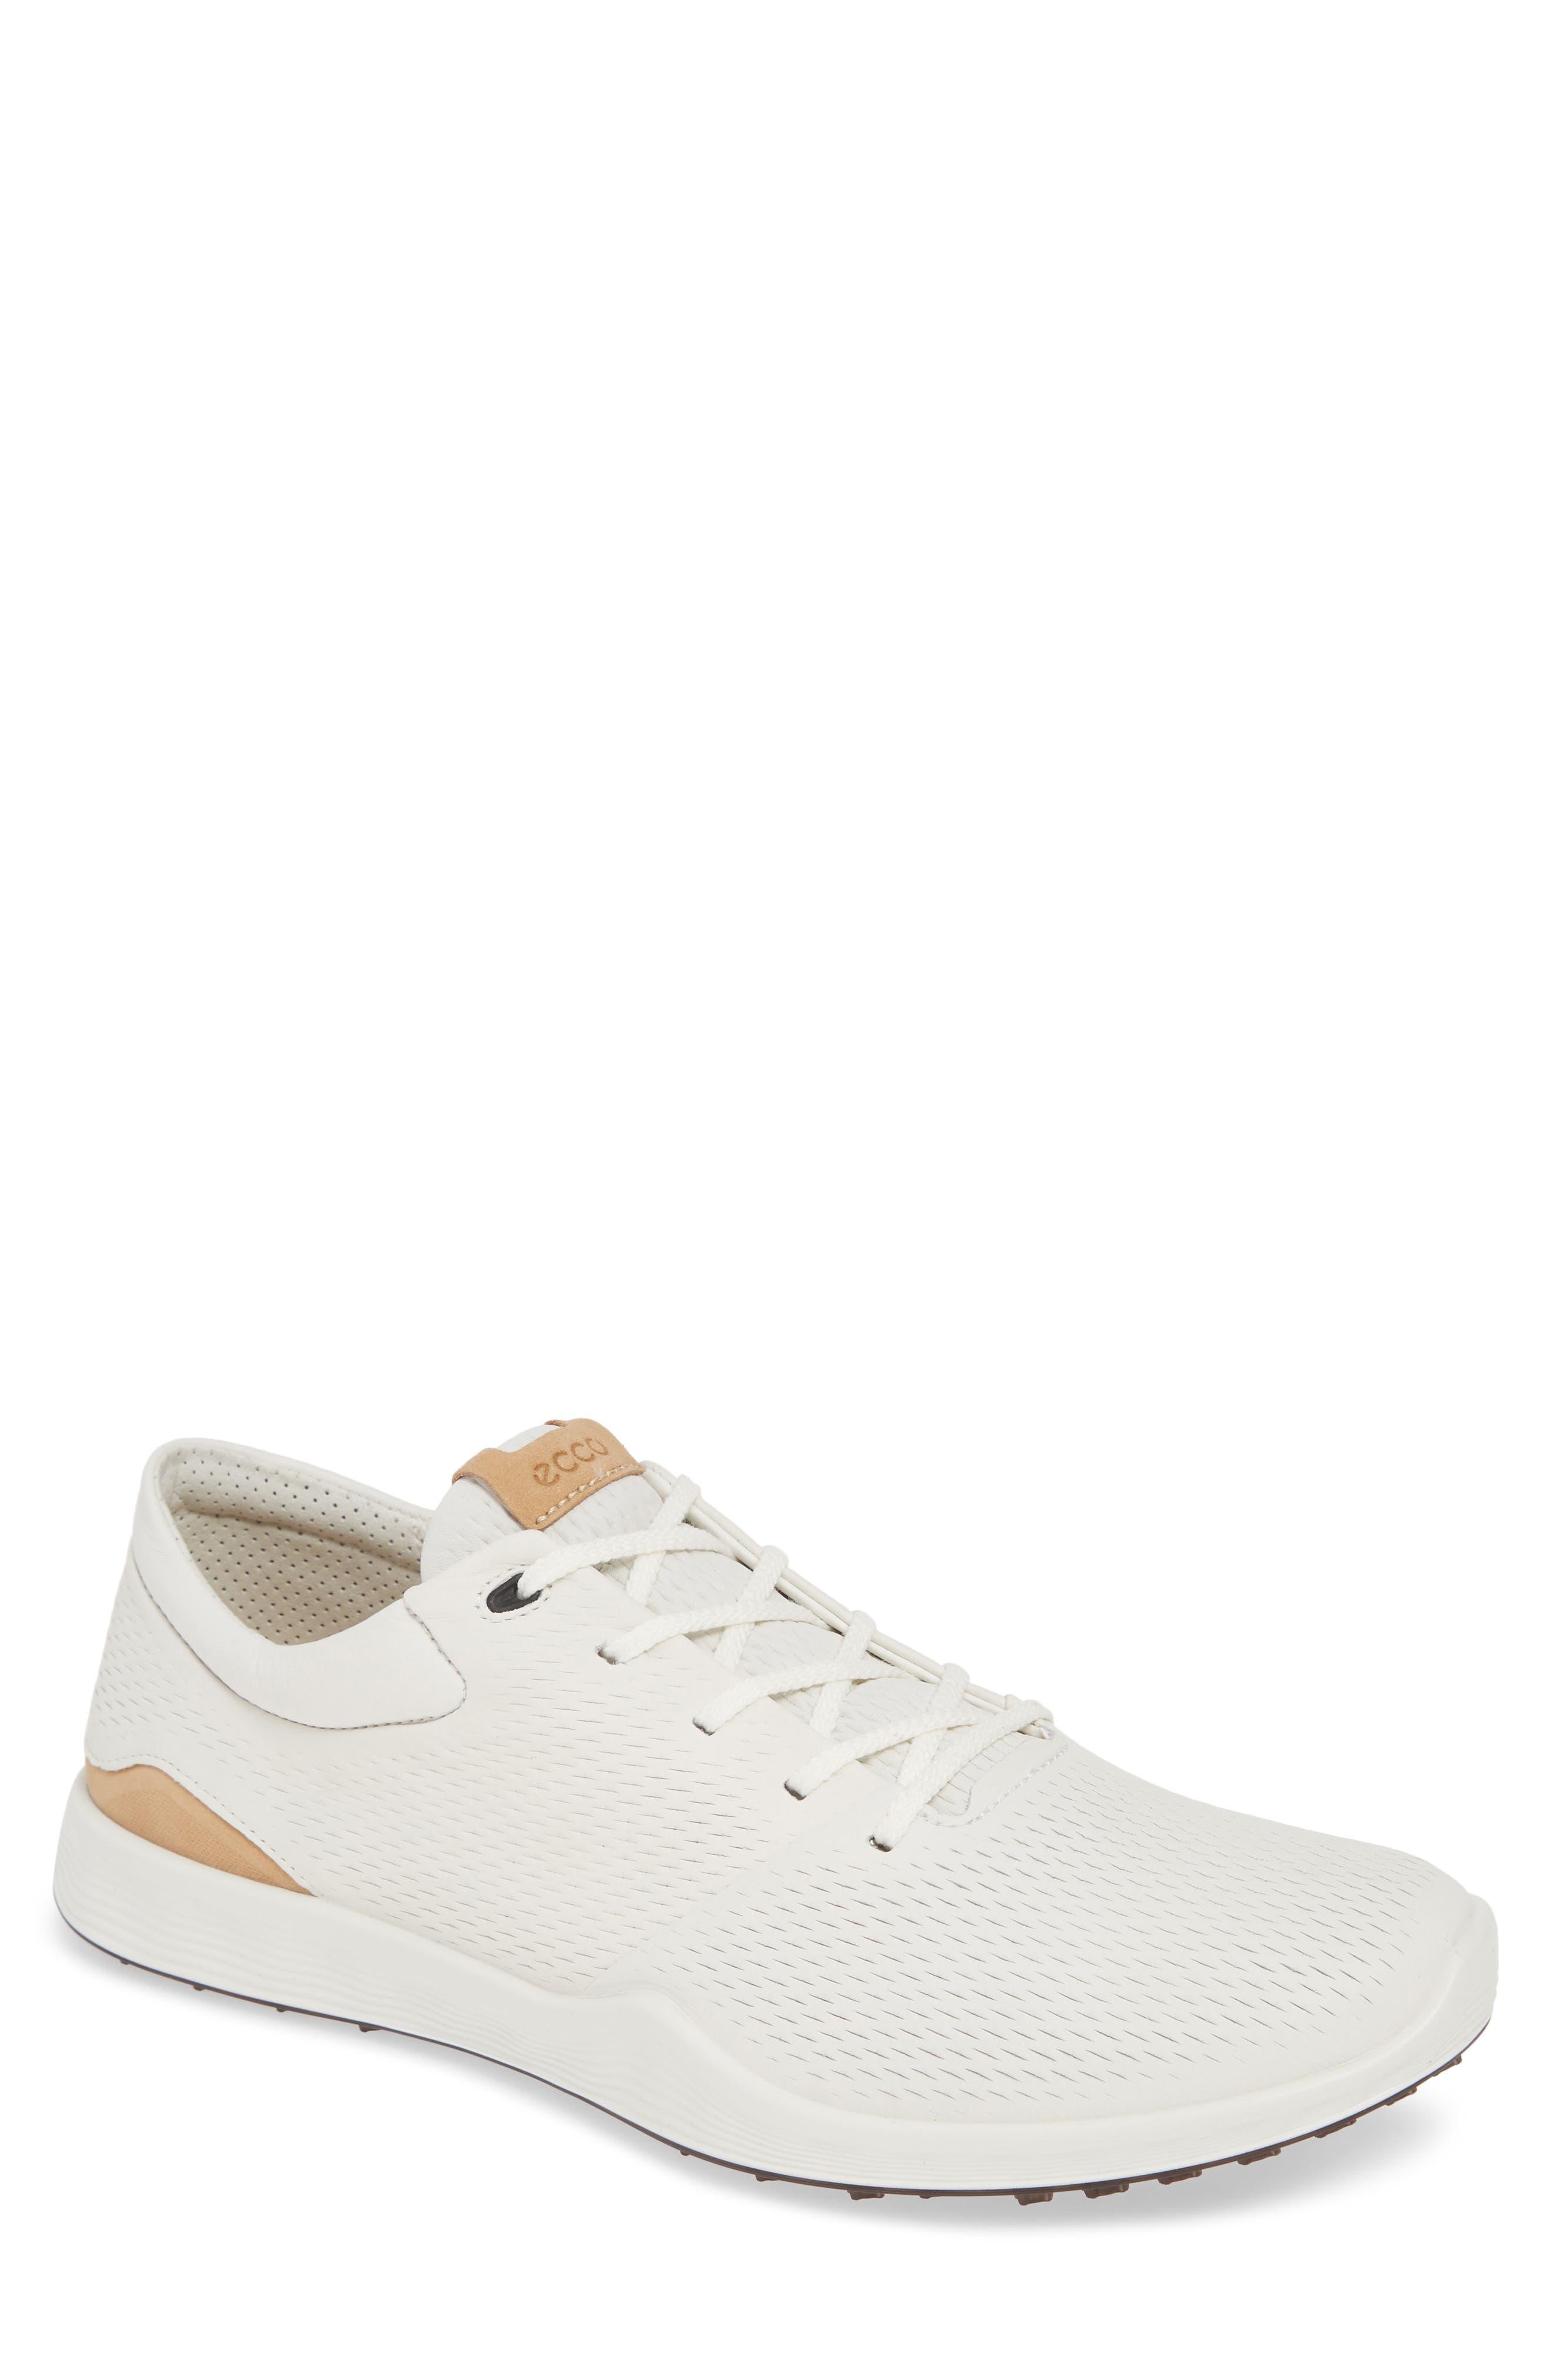 Men's Athletic Shoes Comfort Shoes